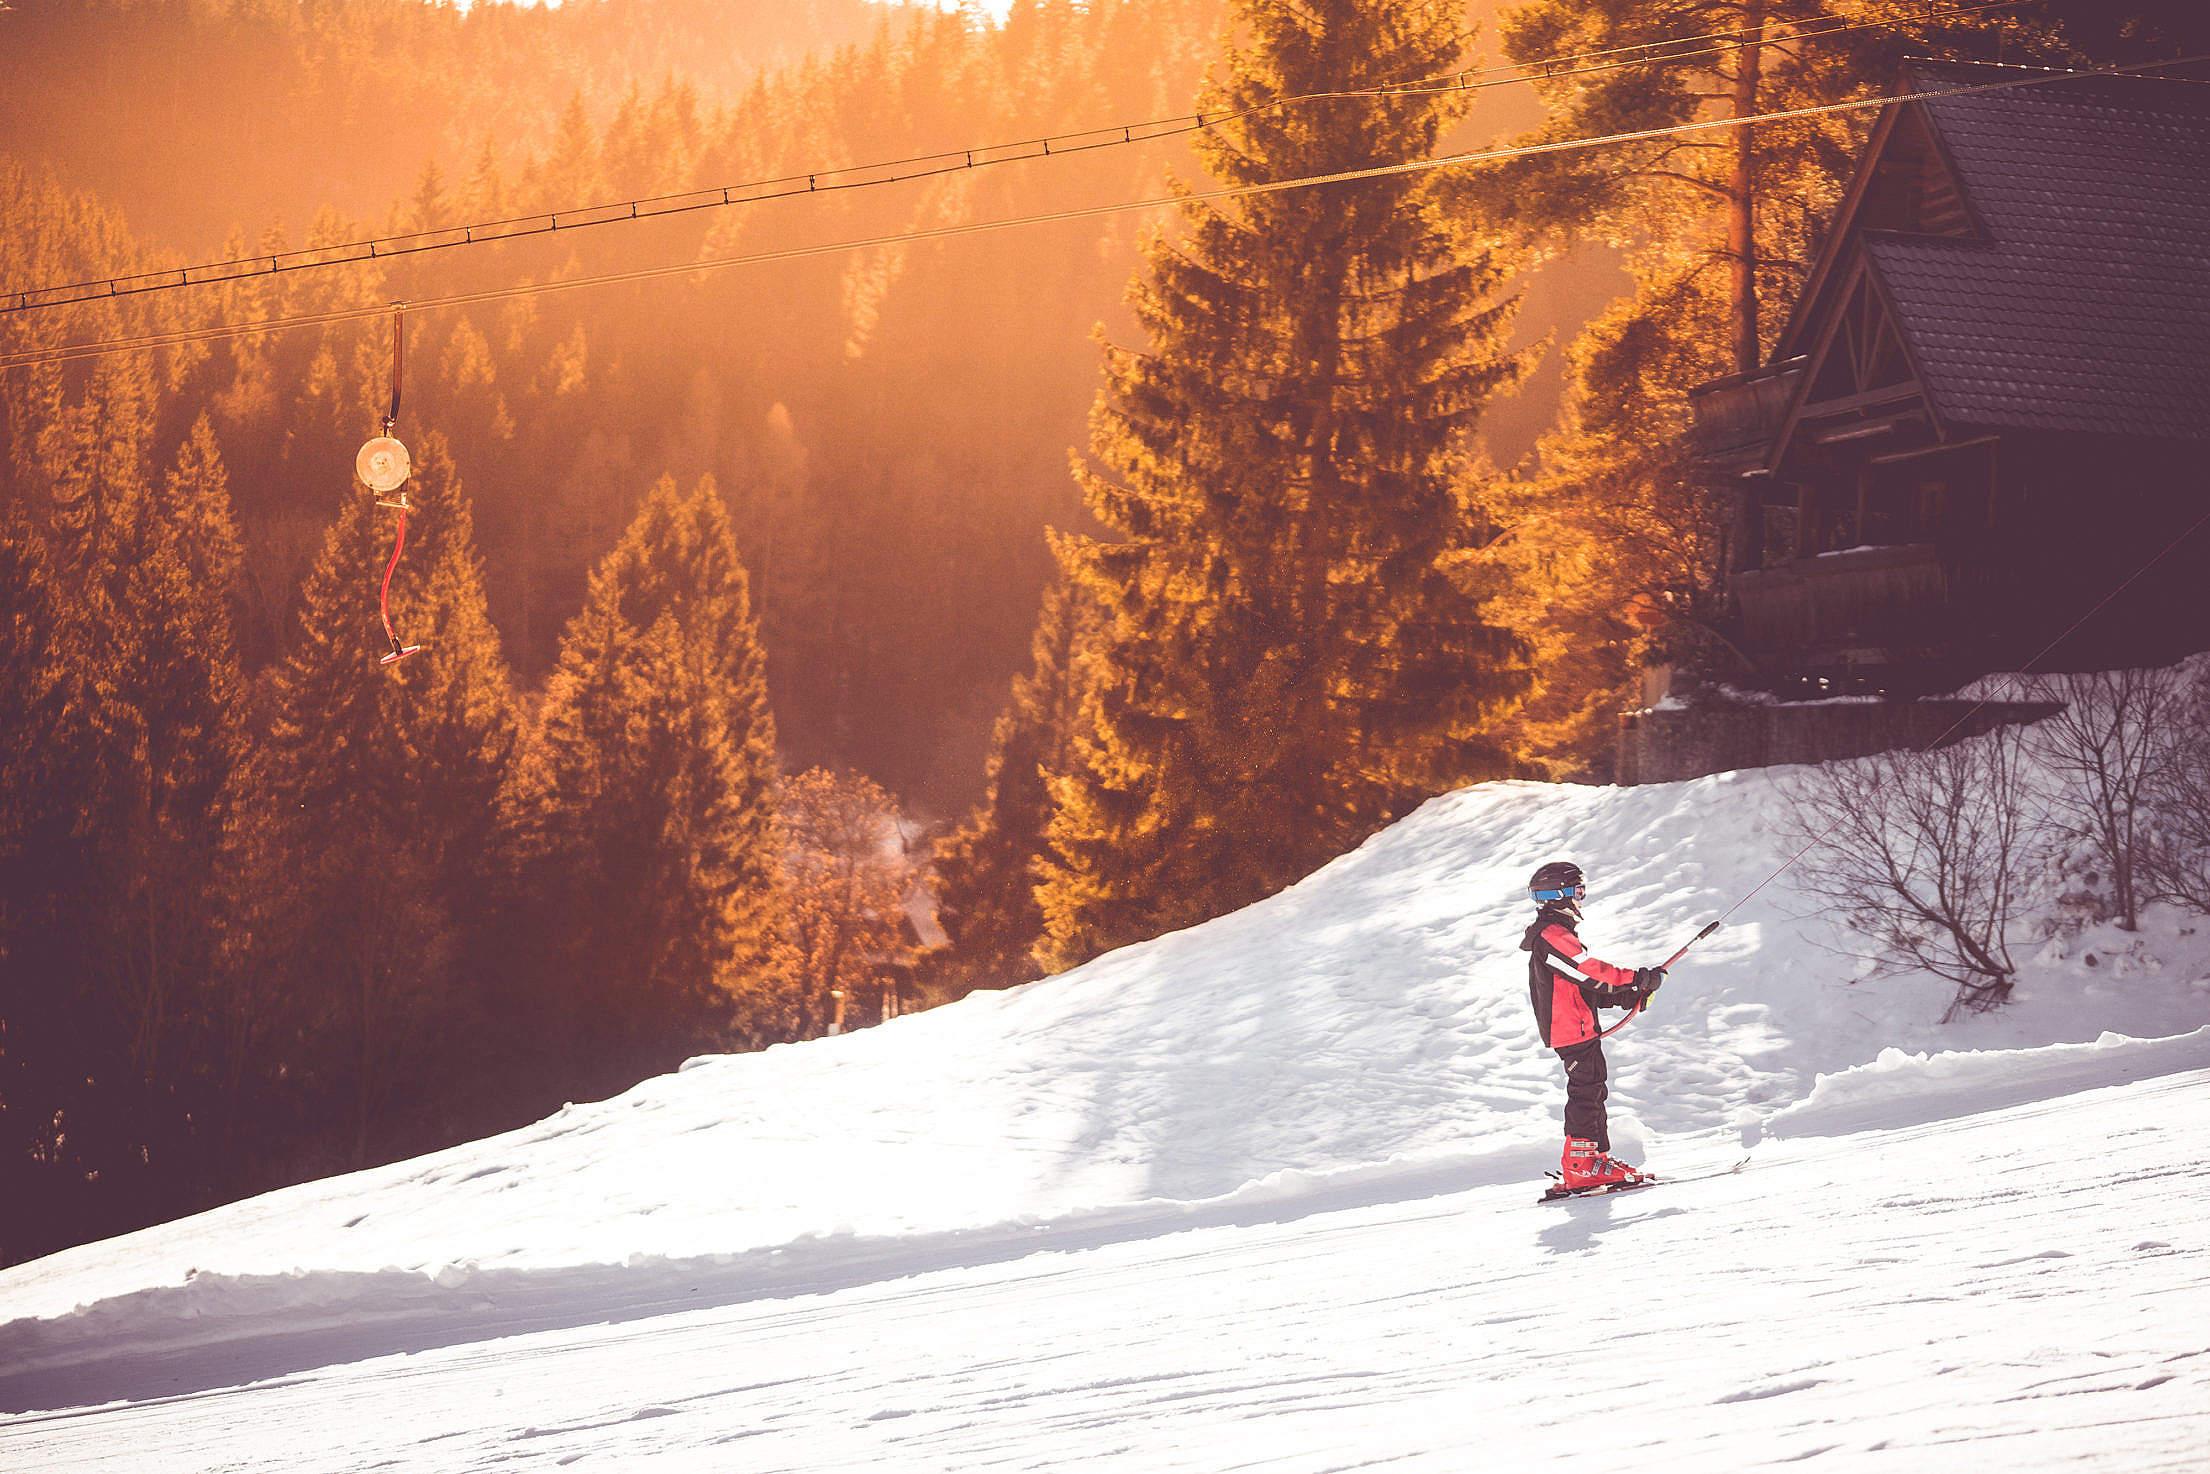 Little Skier On a Ski Lift Free Stock Photo